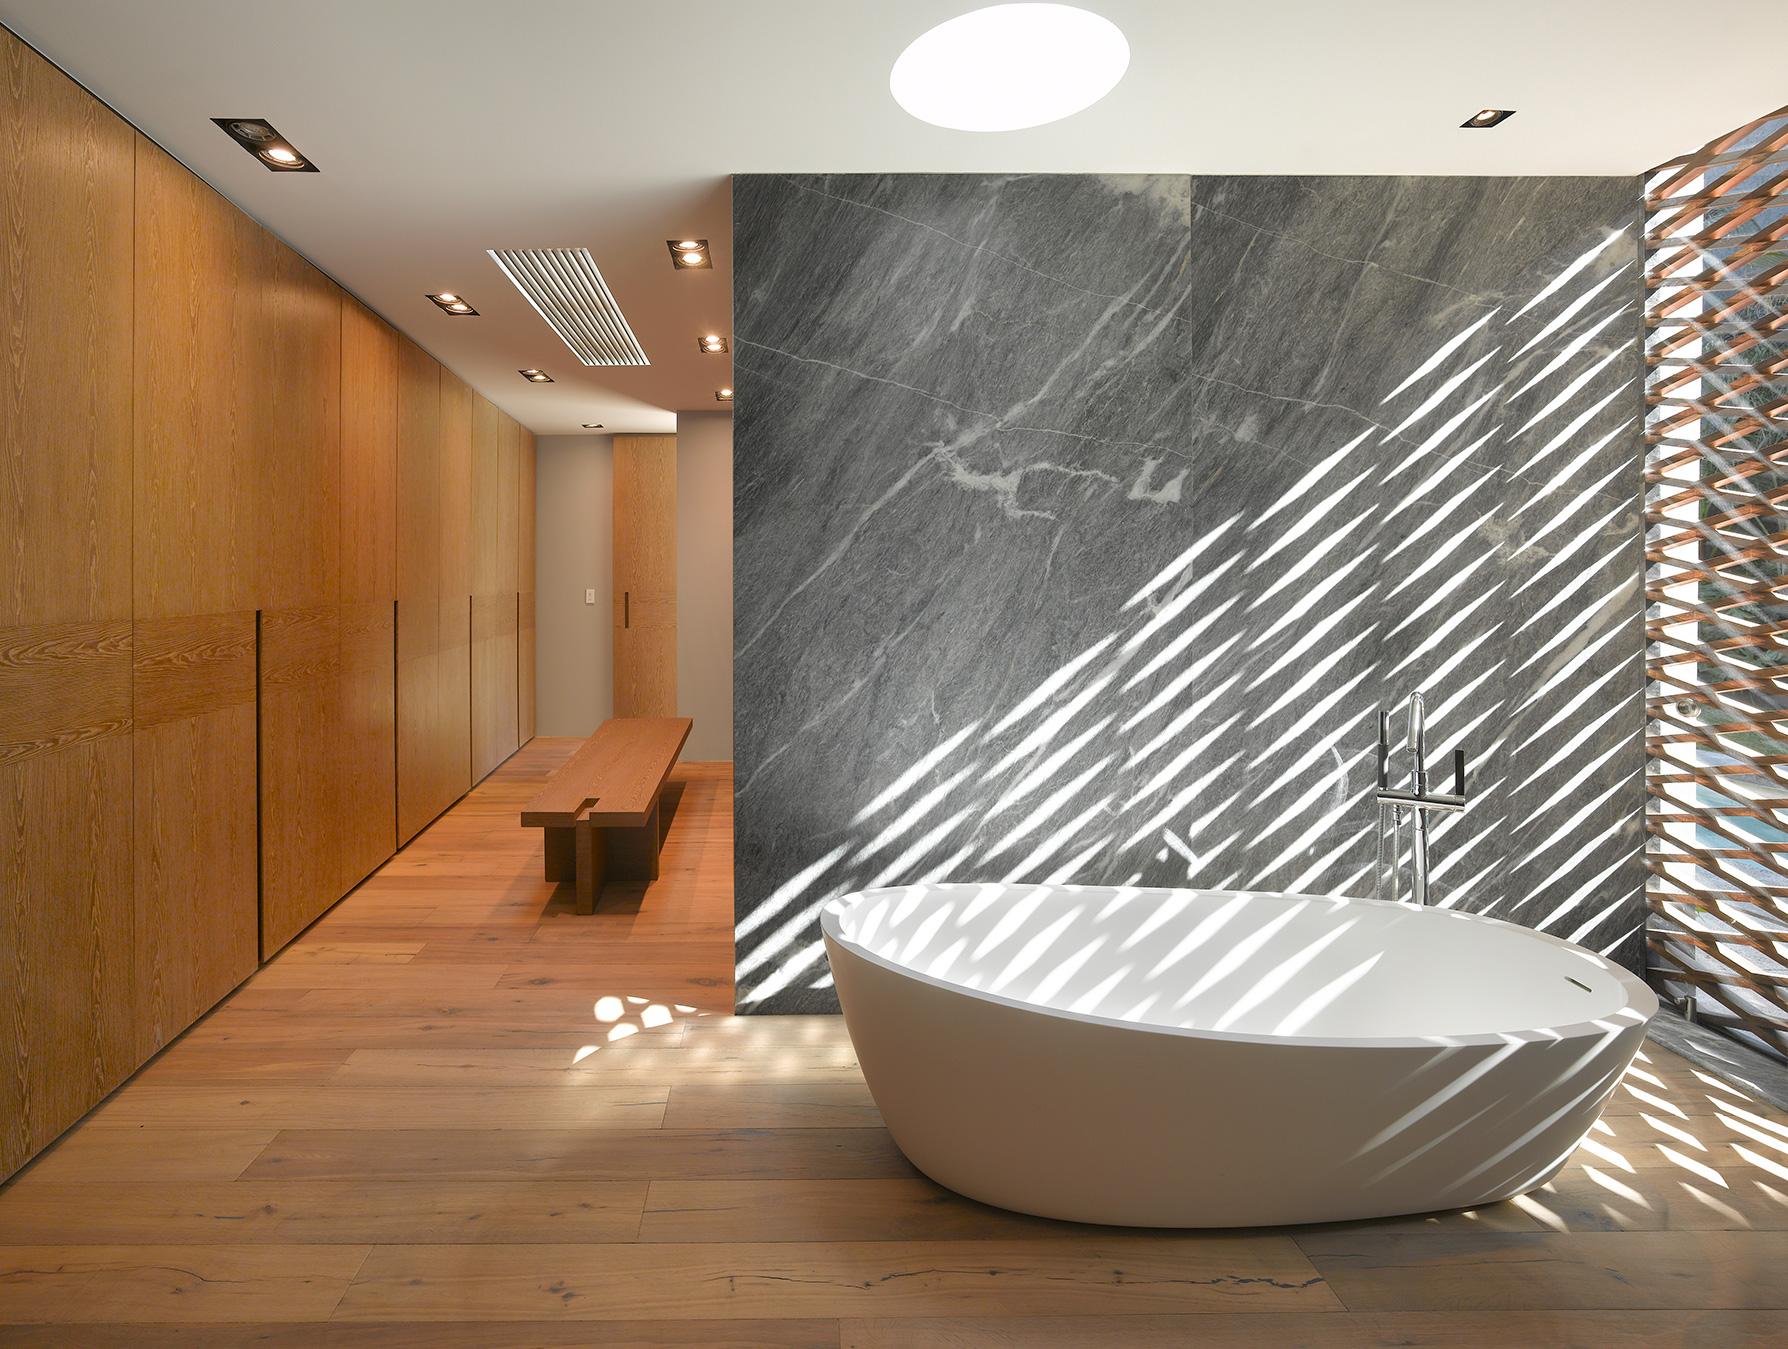 Barrancas House by EZEQUIELFARCA architecture design-29